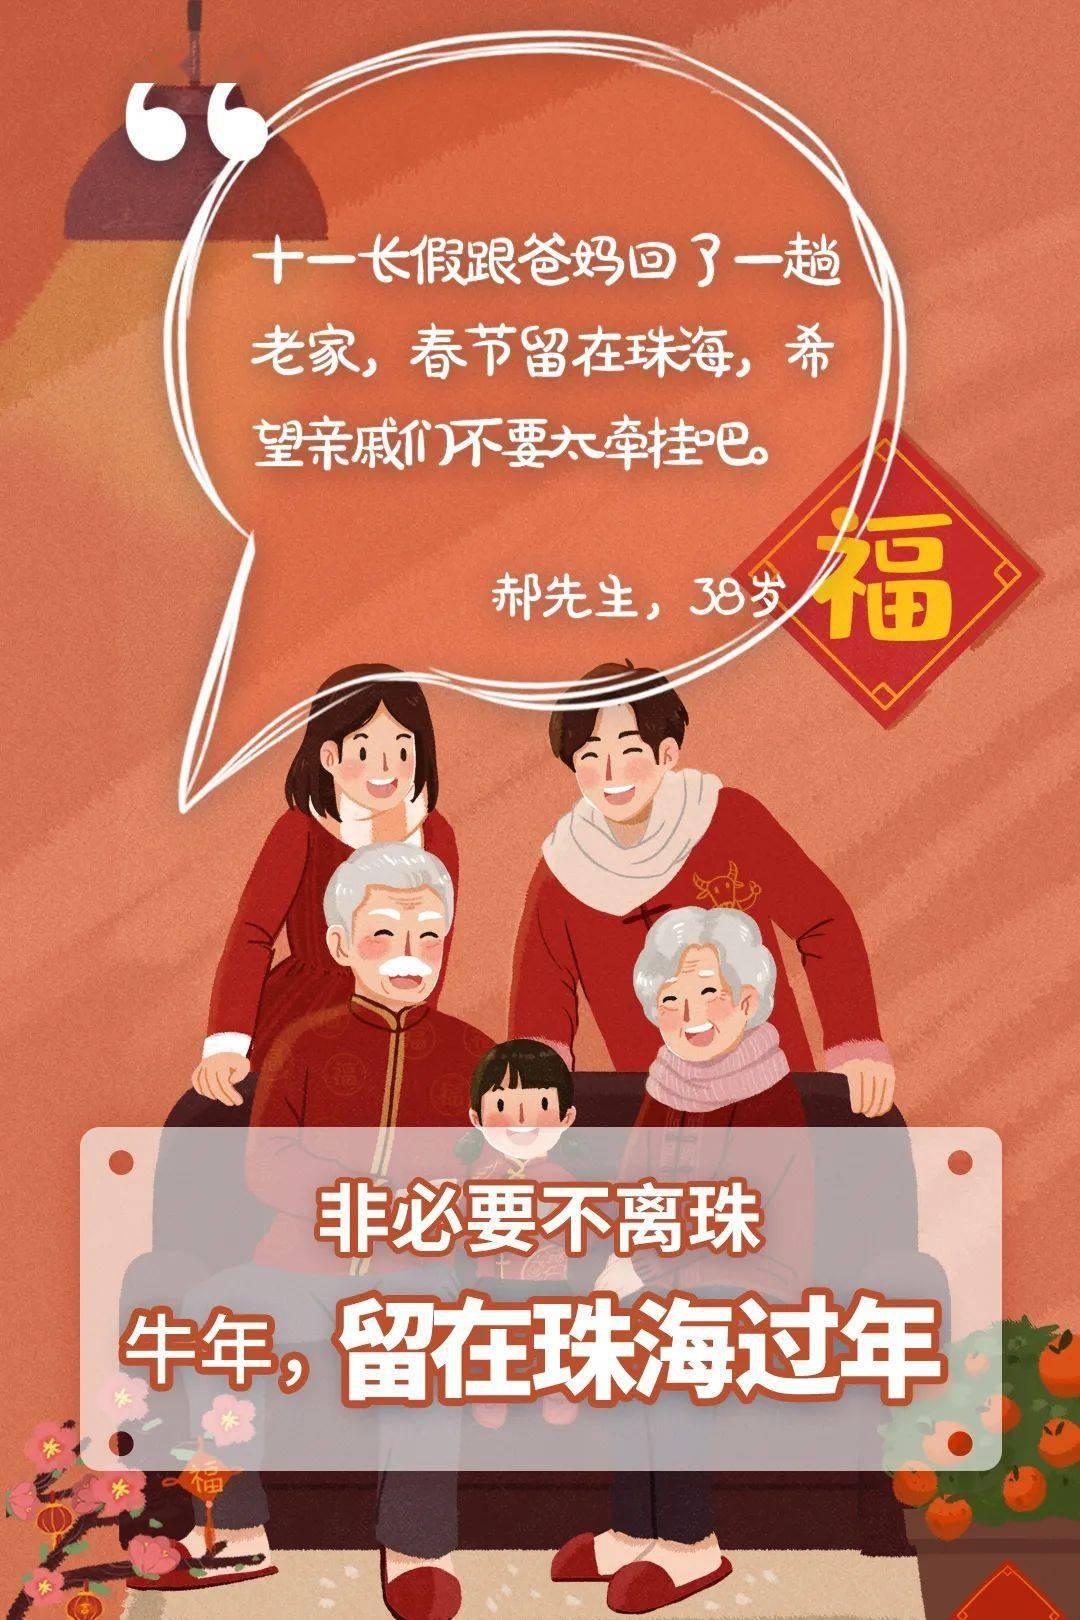 珠海市教育局发布最新通知!